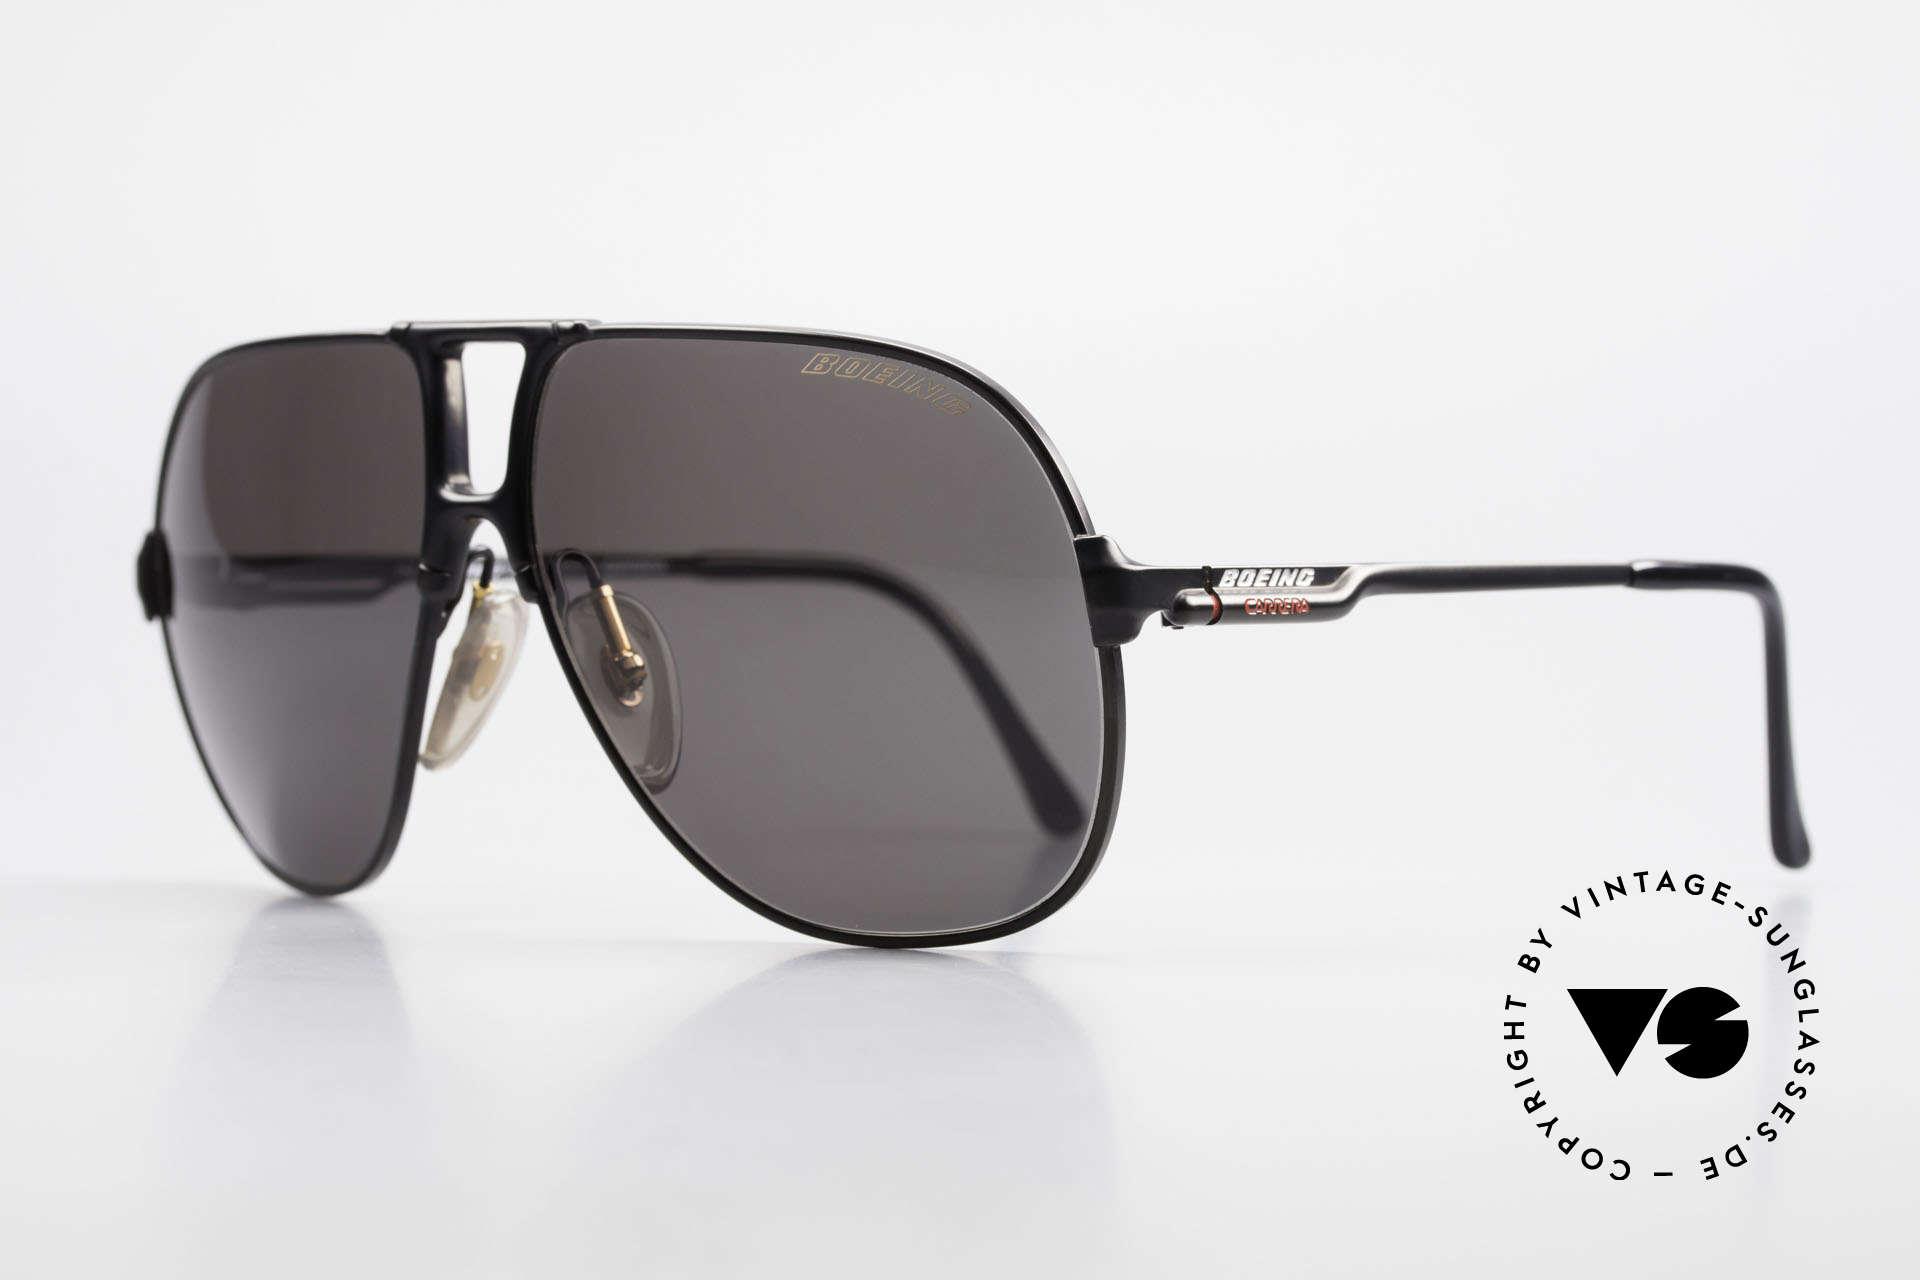 Boeing 5700 Vintage 80er Piloten Brille, geniale Kombination von Funktionalität & Design, Passend für Herren und Damen